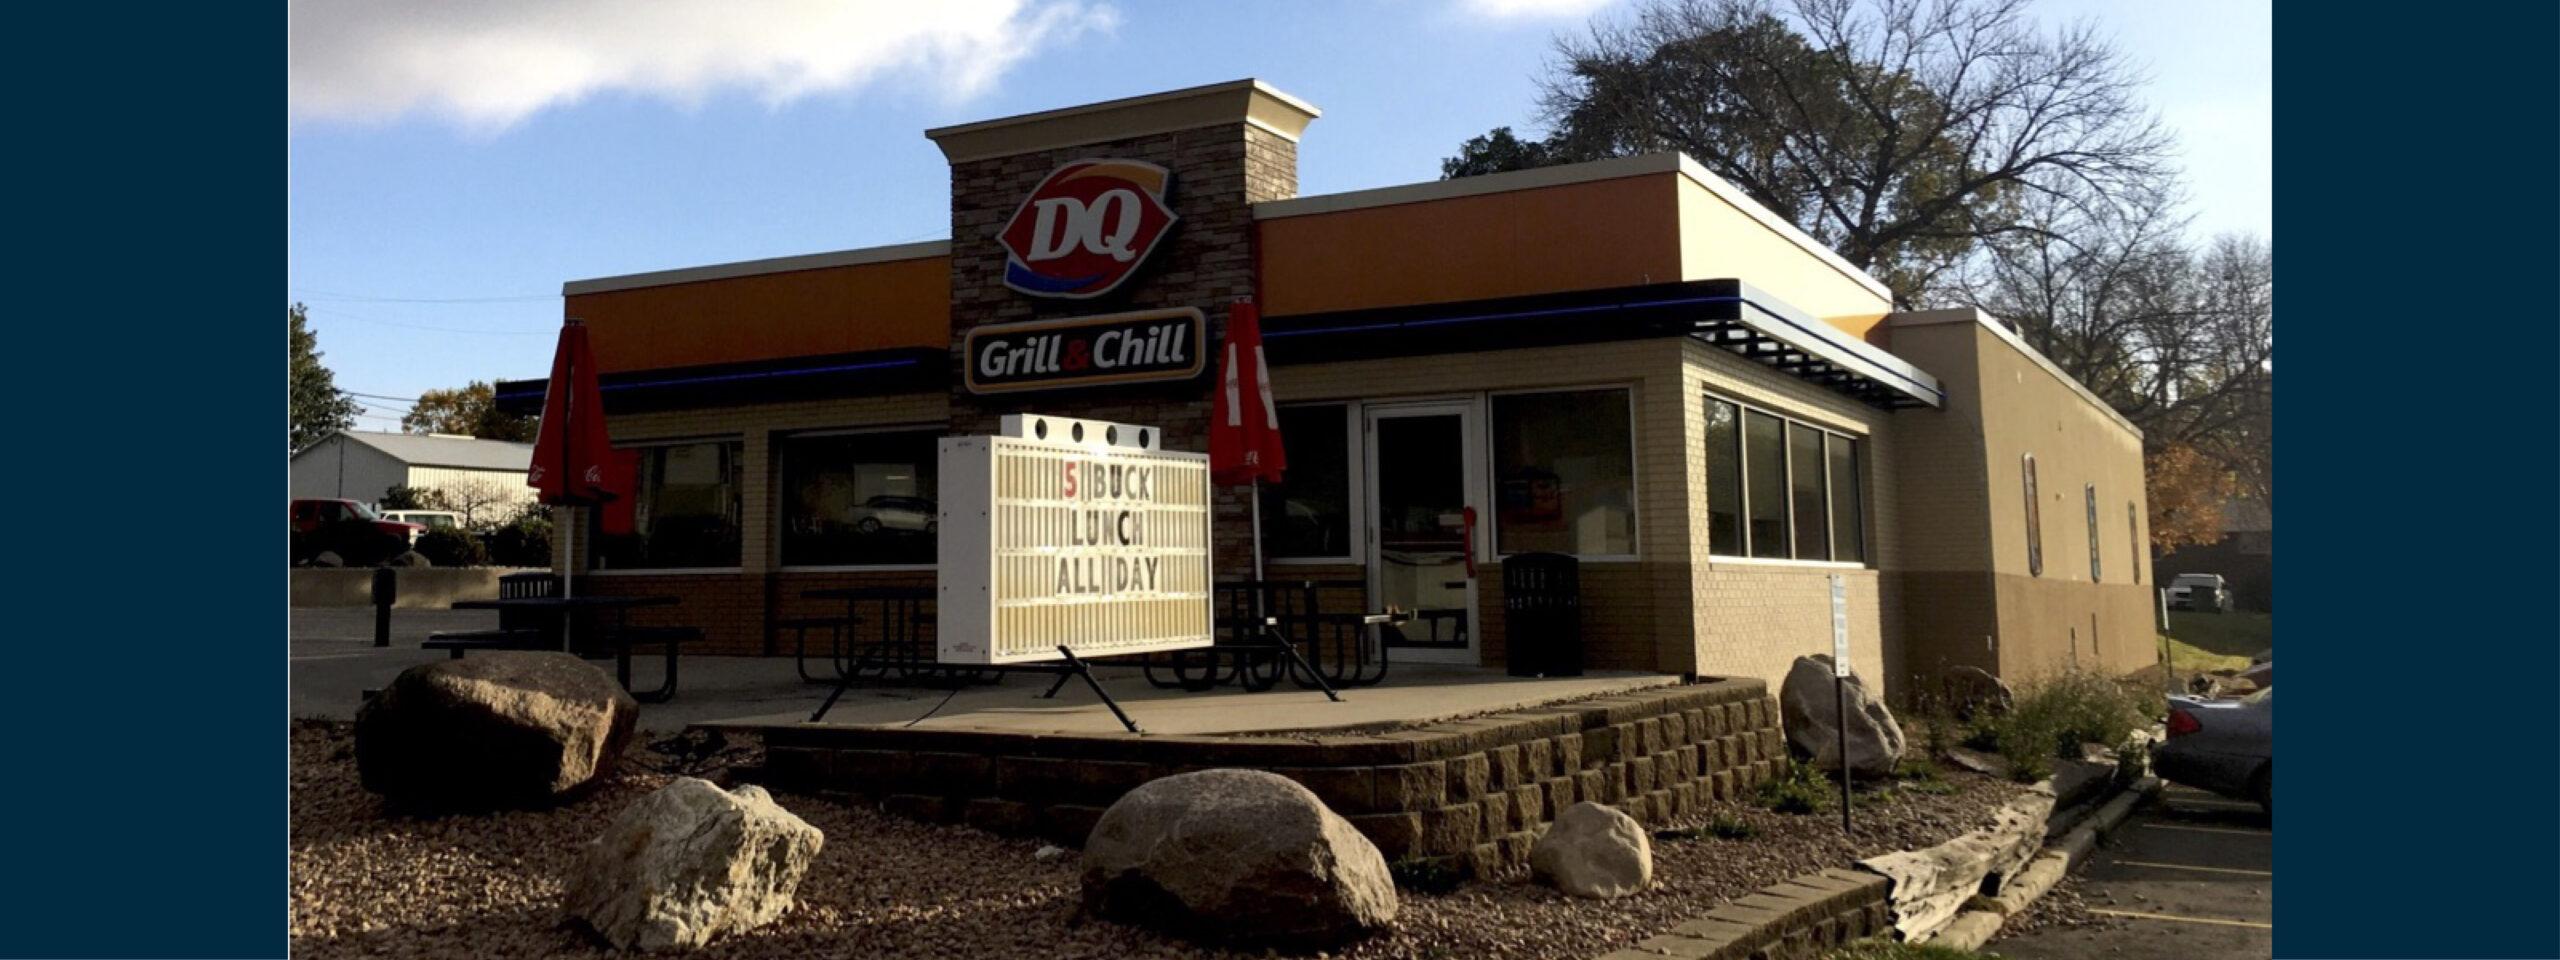 Humboldt, IA Fourteen Foods DQ Restaurant